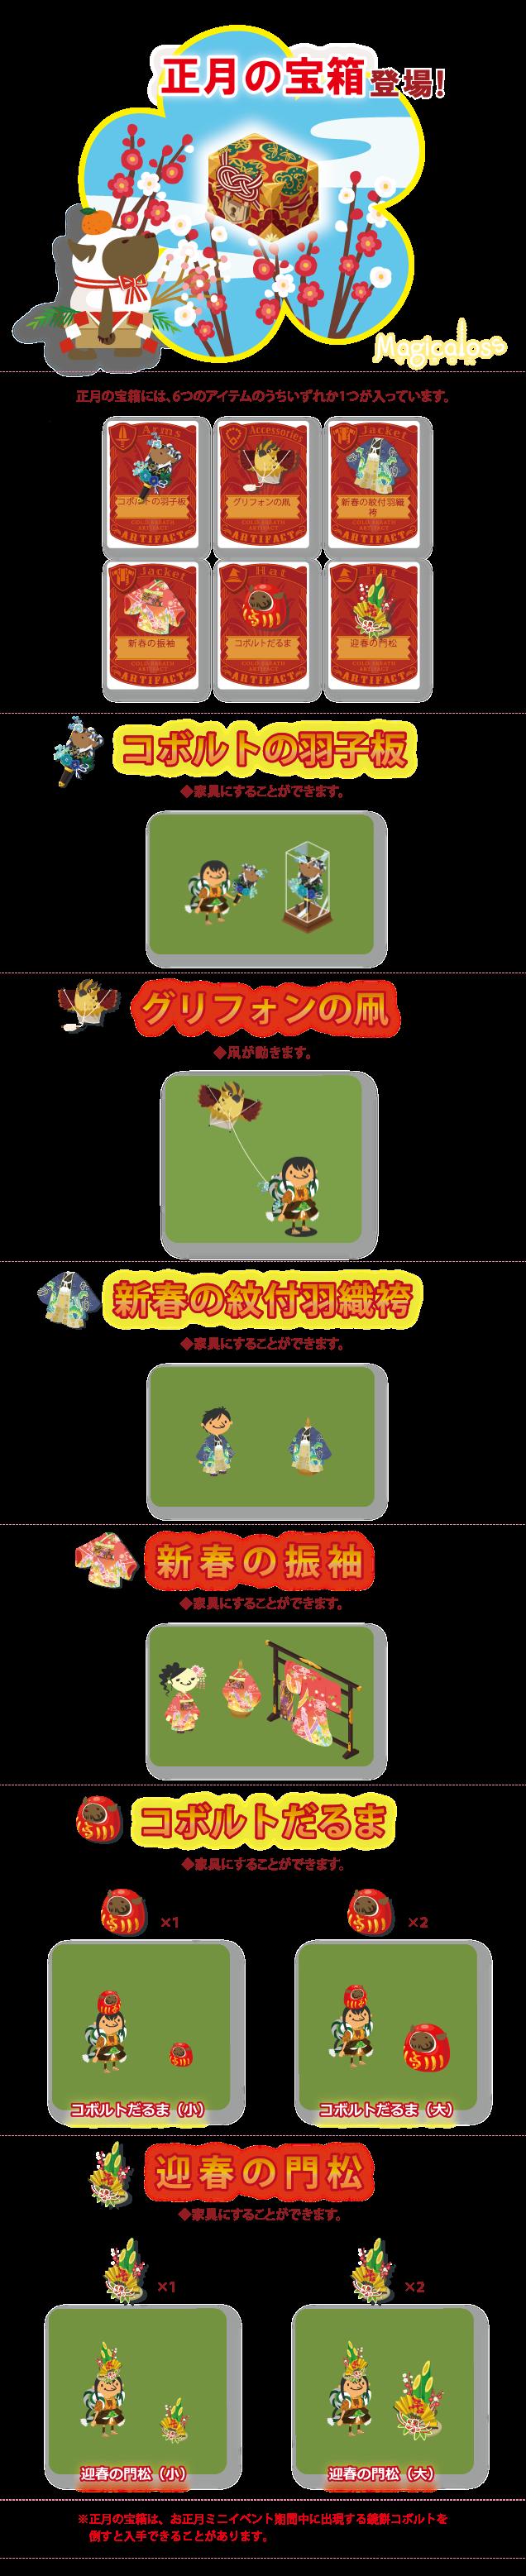 正月の宝箱登場!